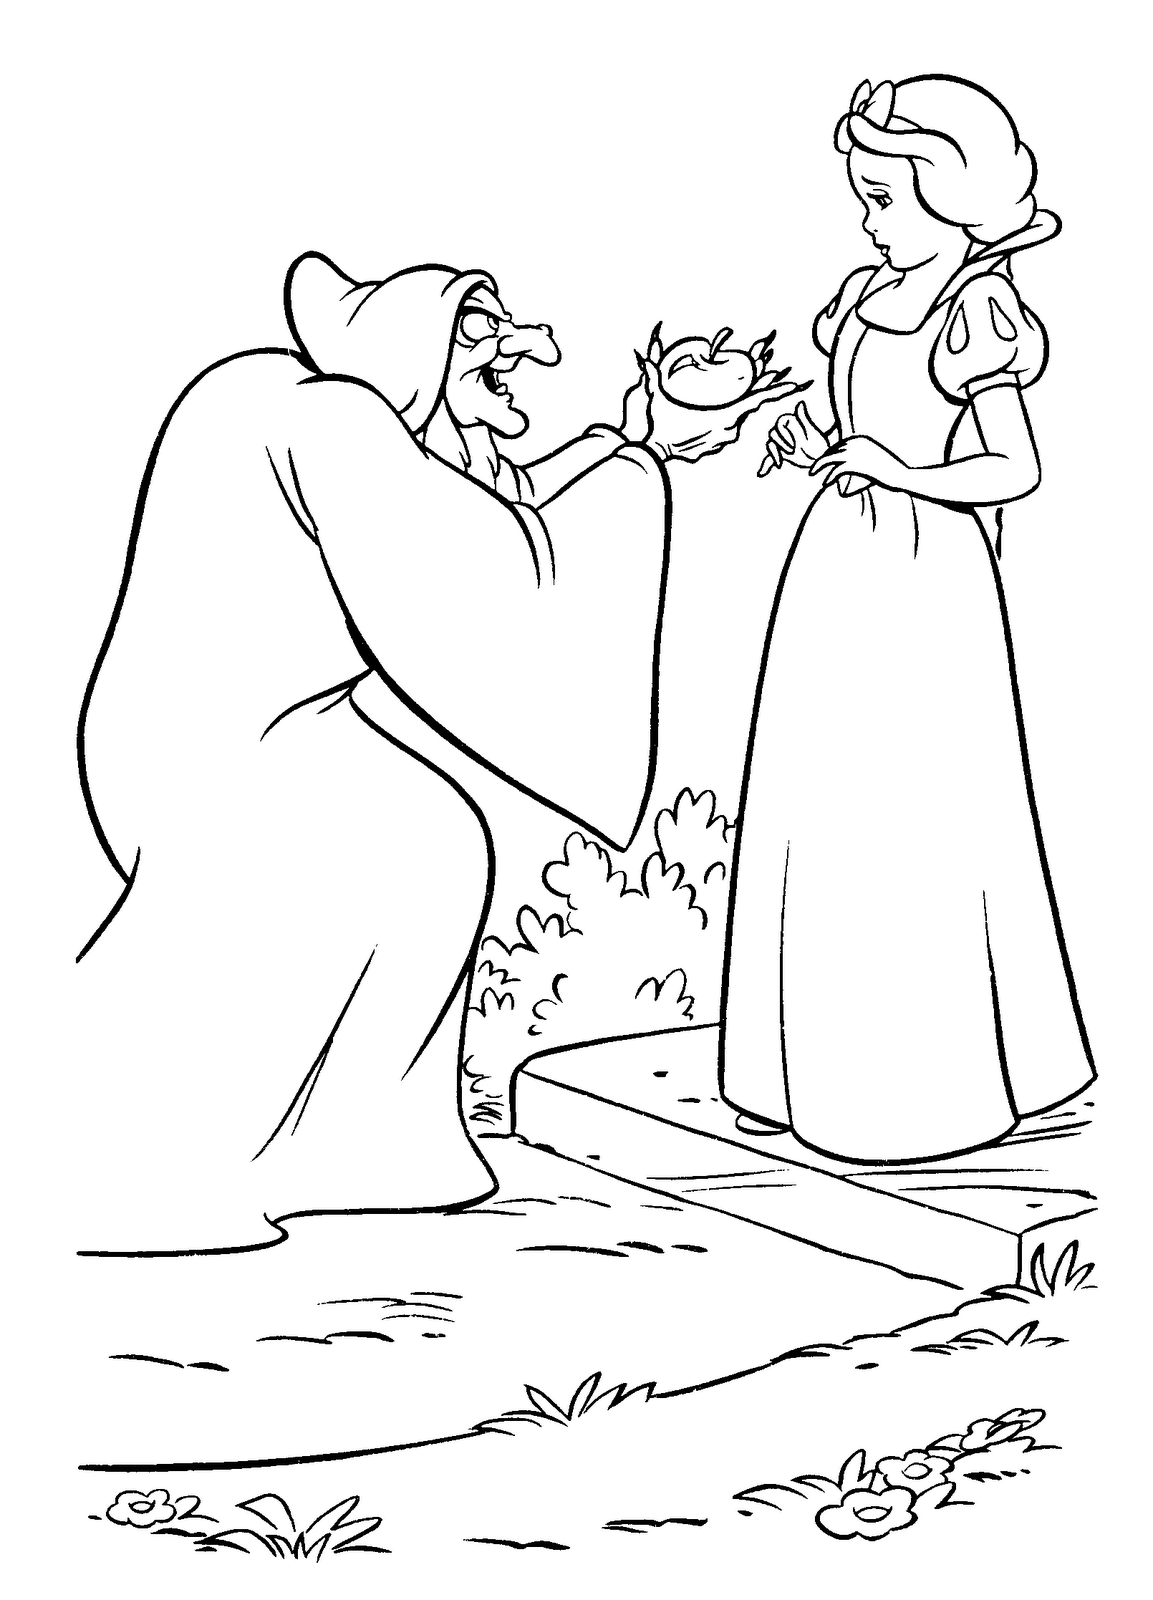 Blancanieves y la viejecilla